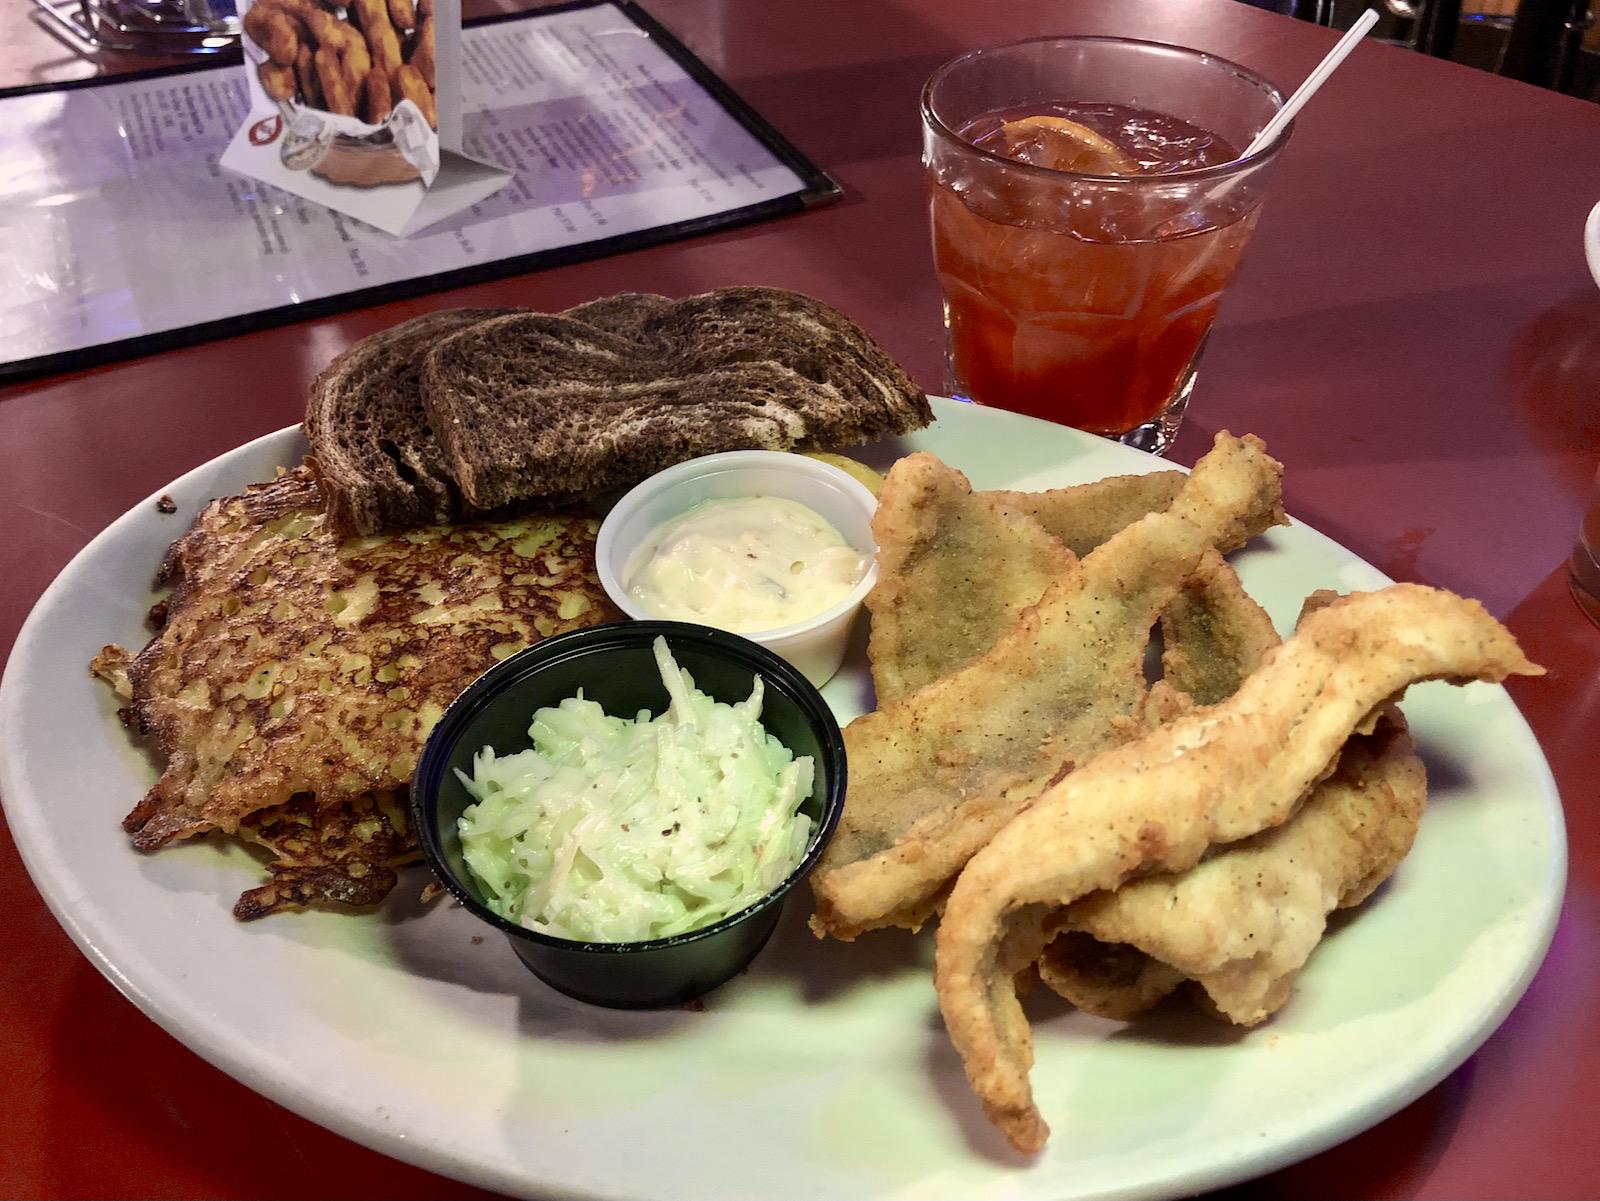 Paulie's Pub fish fry